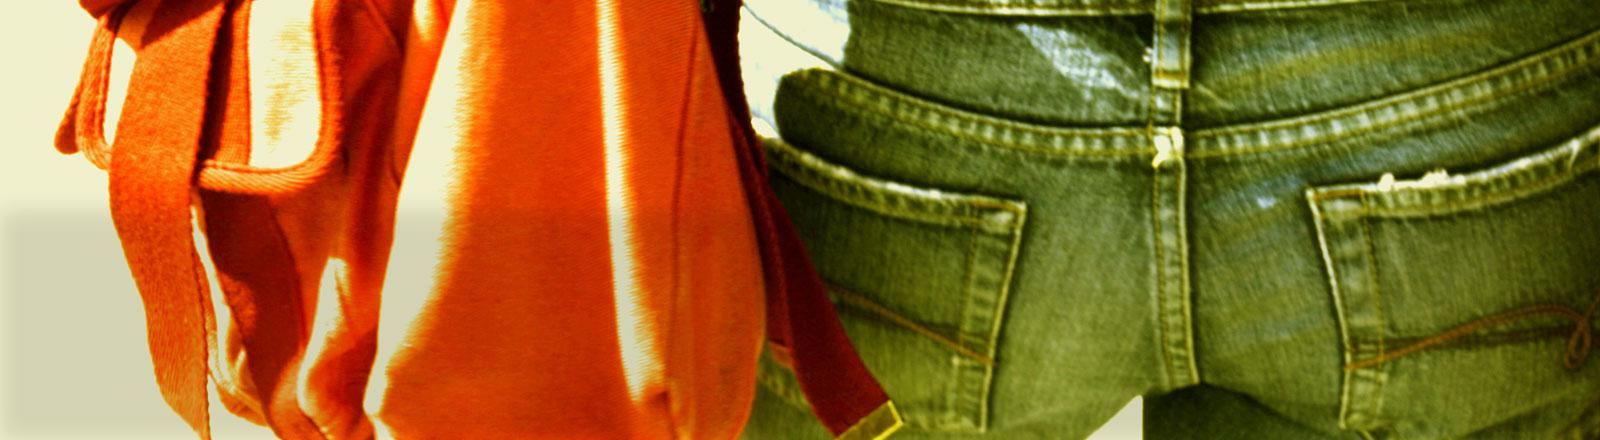 Man sieht den Hintern einer Frau und ihre Handtasche, die auf Hüfthöhe hängt.